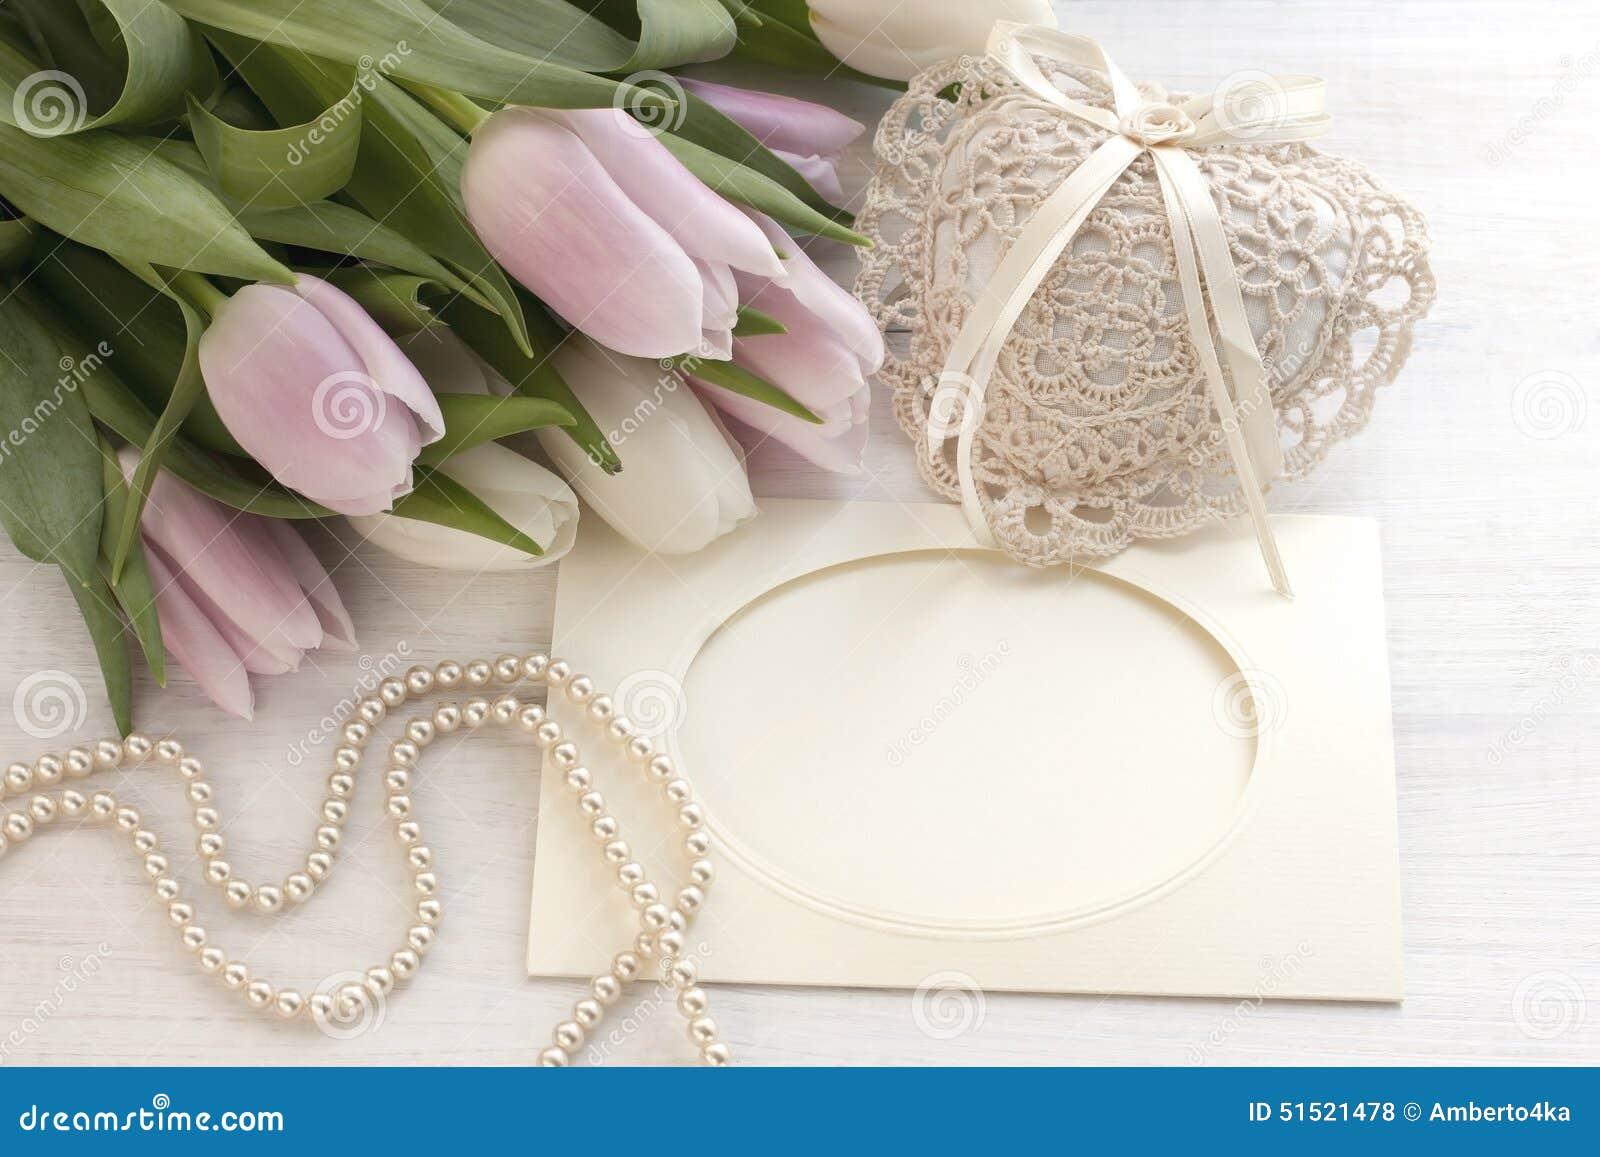 Tulipes fra ches carte de voeux pour le jour de m res jour de valentines mariage photo stock - Carte de voeux dromadaire gratuite ...